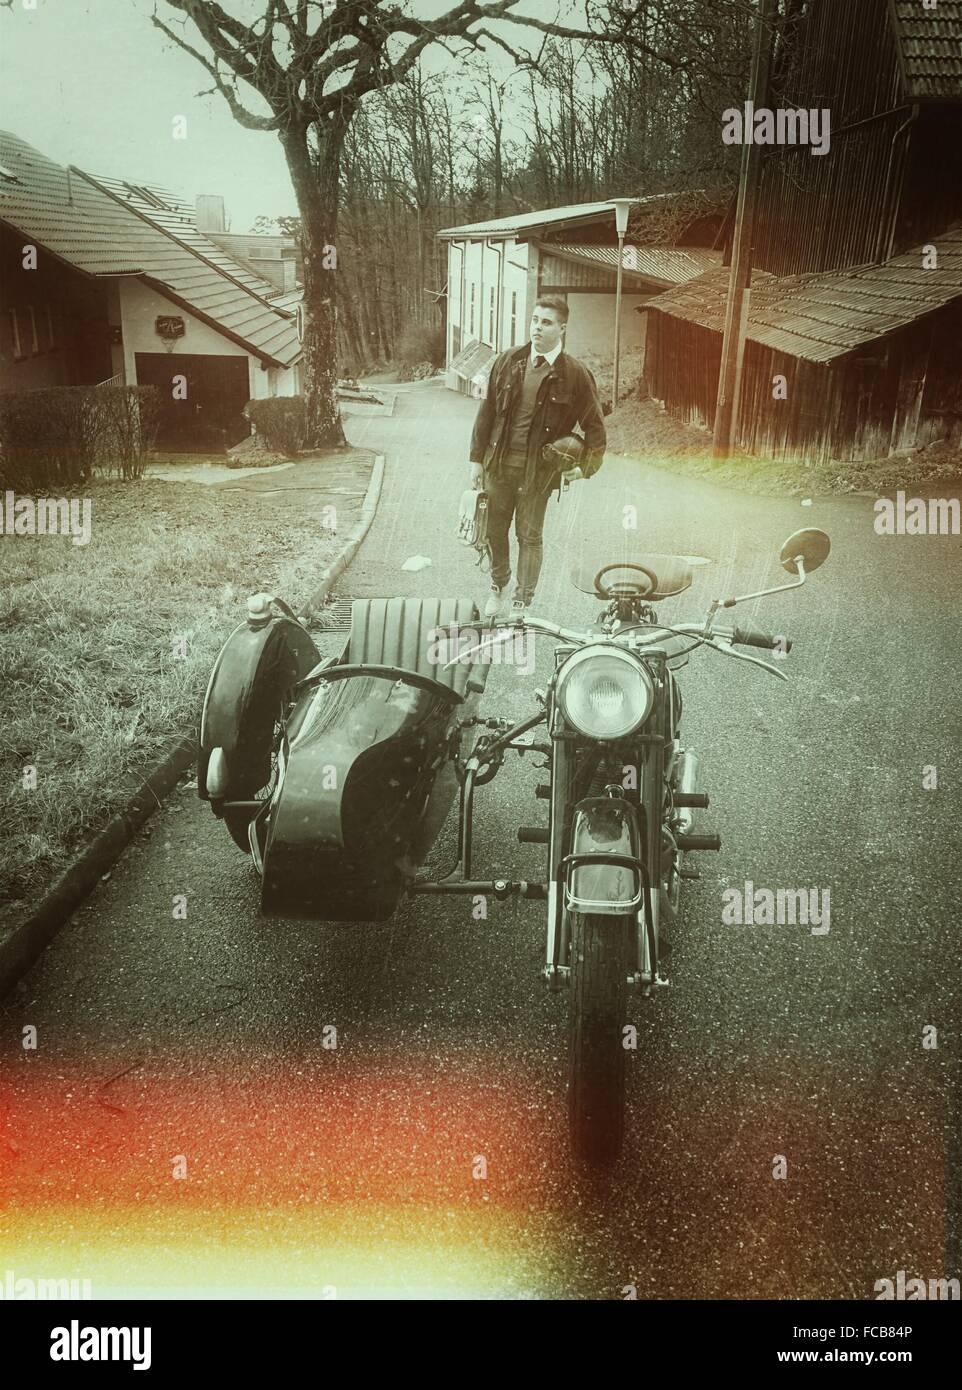 Junge Menschen gehen auf der Straße mit Motorrad im Vordergrund Stockbild